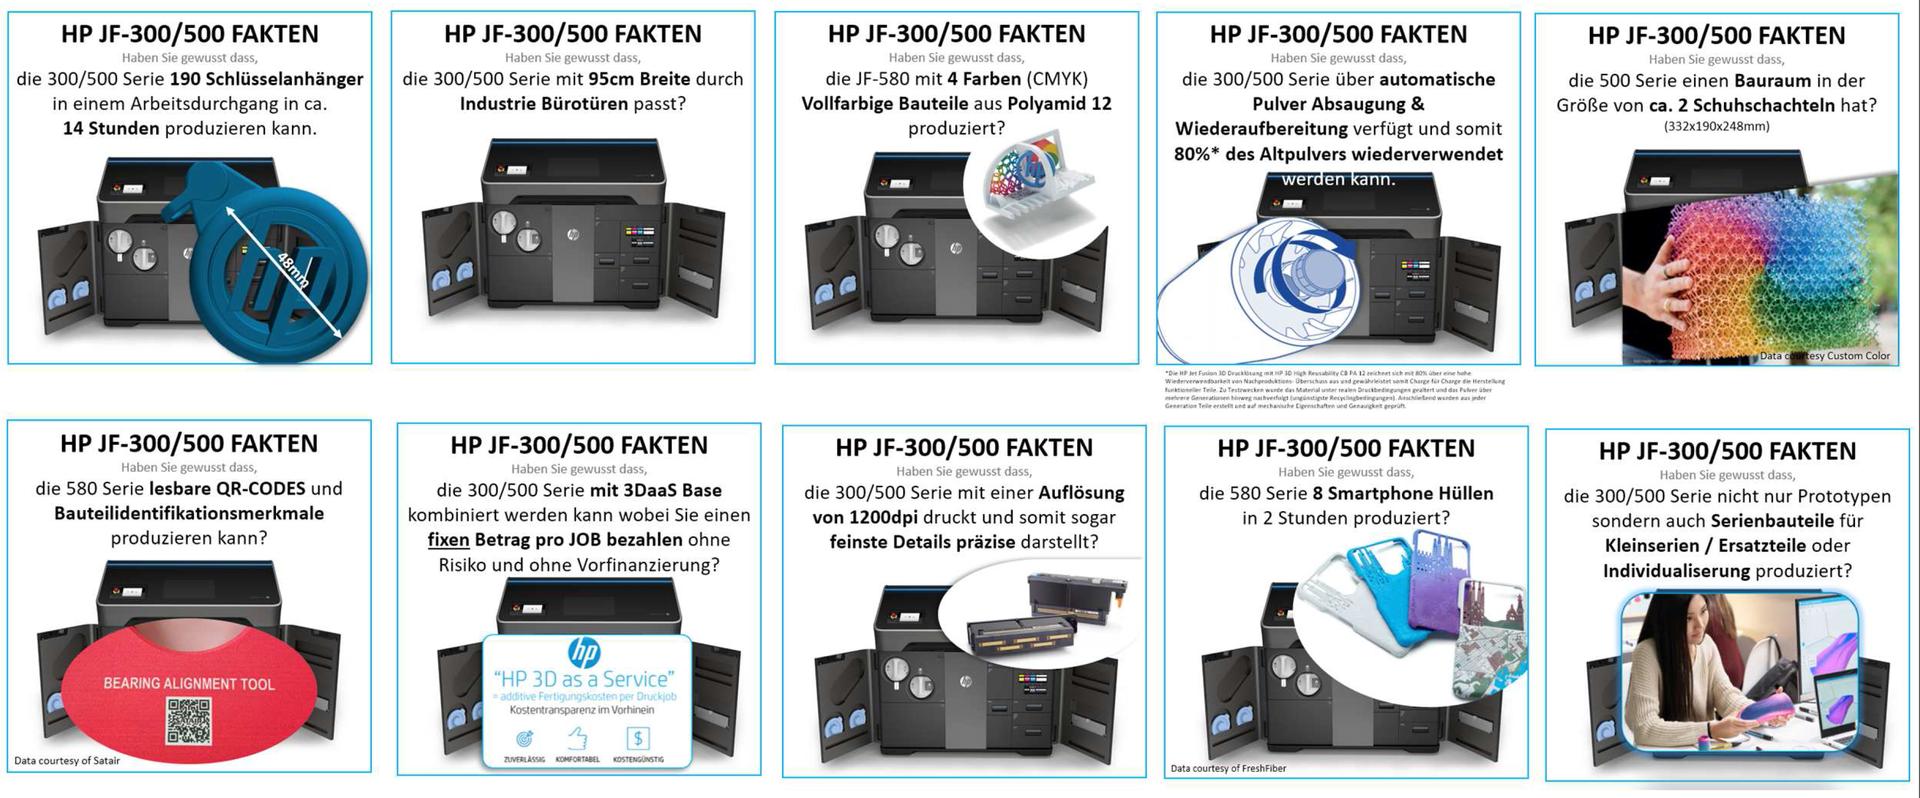 Top Facts für die HP Jet-Fusion 300 / 500 Series